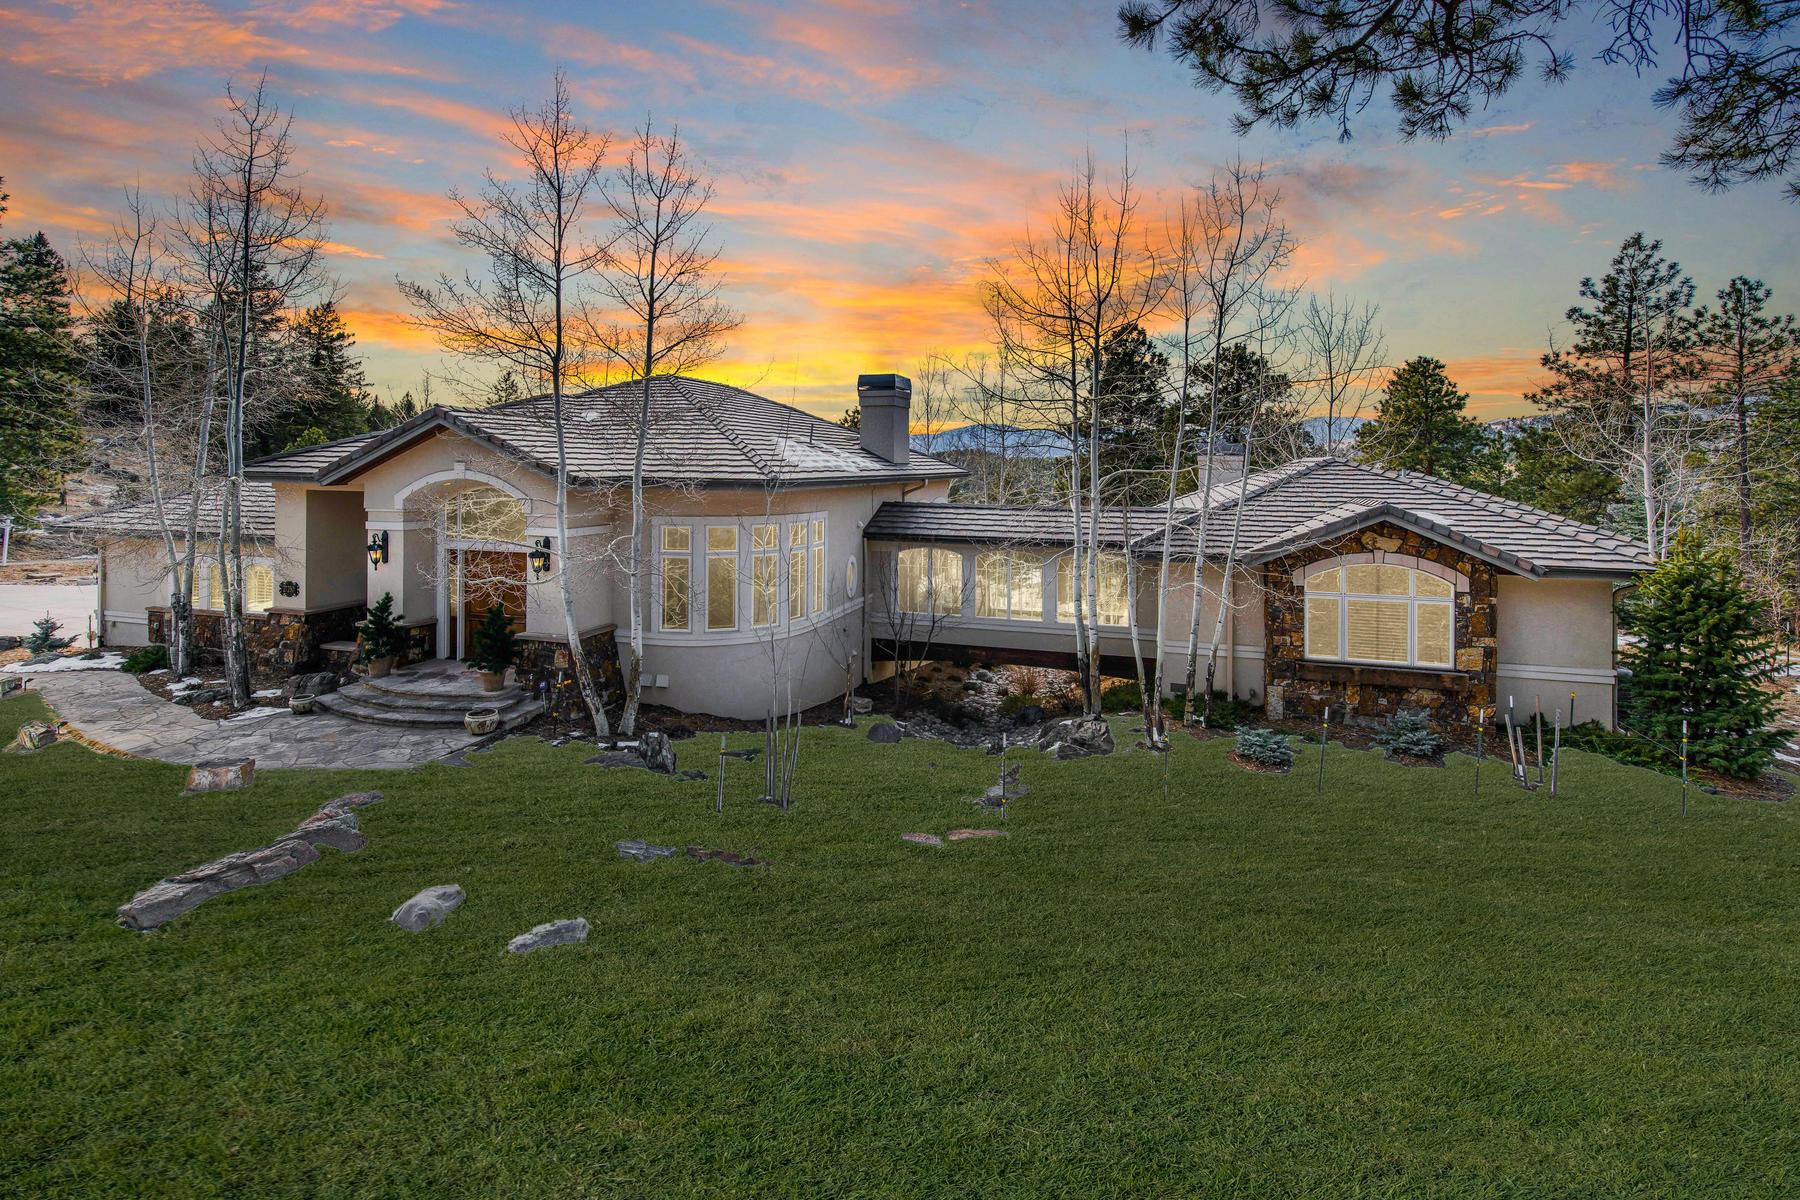 Single Family Homes pour l Vente à Exclusive and Private Neighborhood Living! 27250 Craig Lane, Golden, Colorado 80401 États-Unis